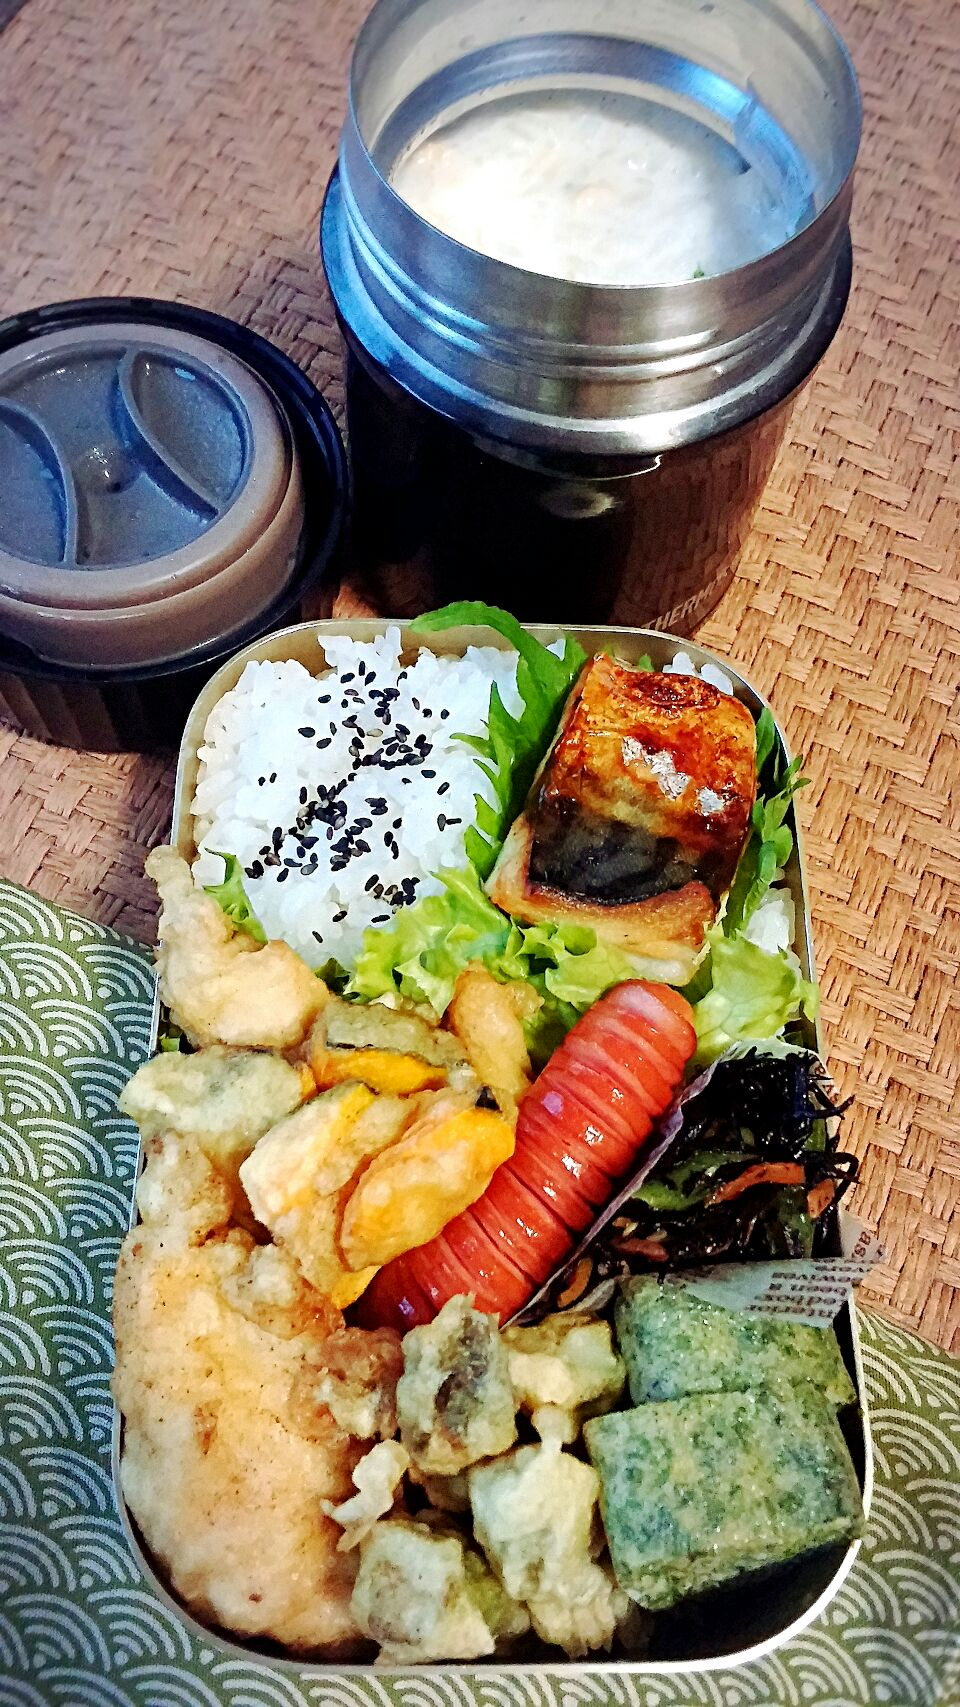 天ぷら弁当、鶏むアスカボチャ ②の。 ①は、牛乳粥